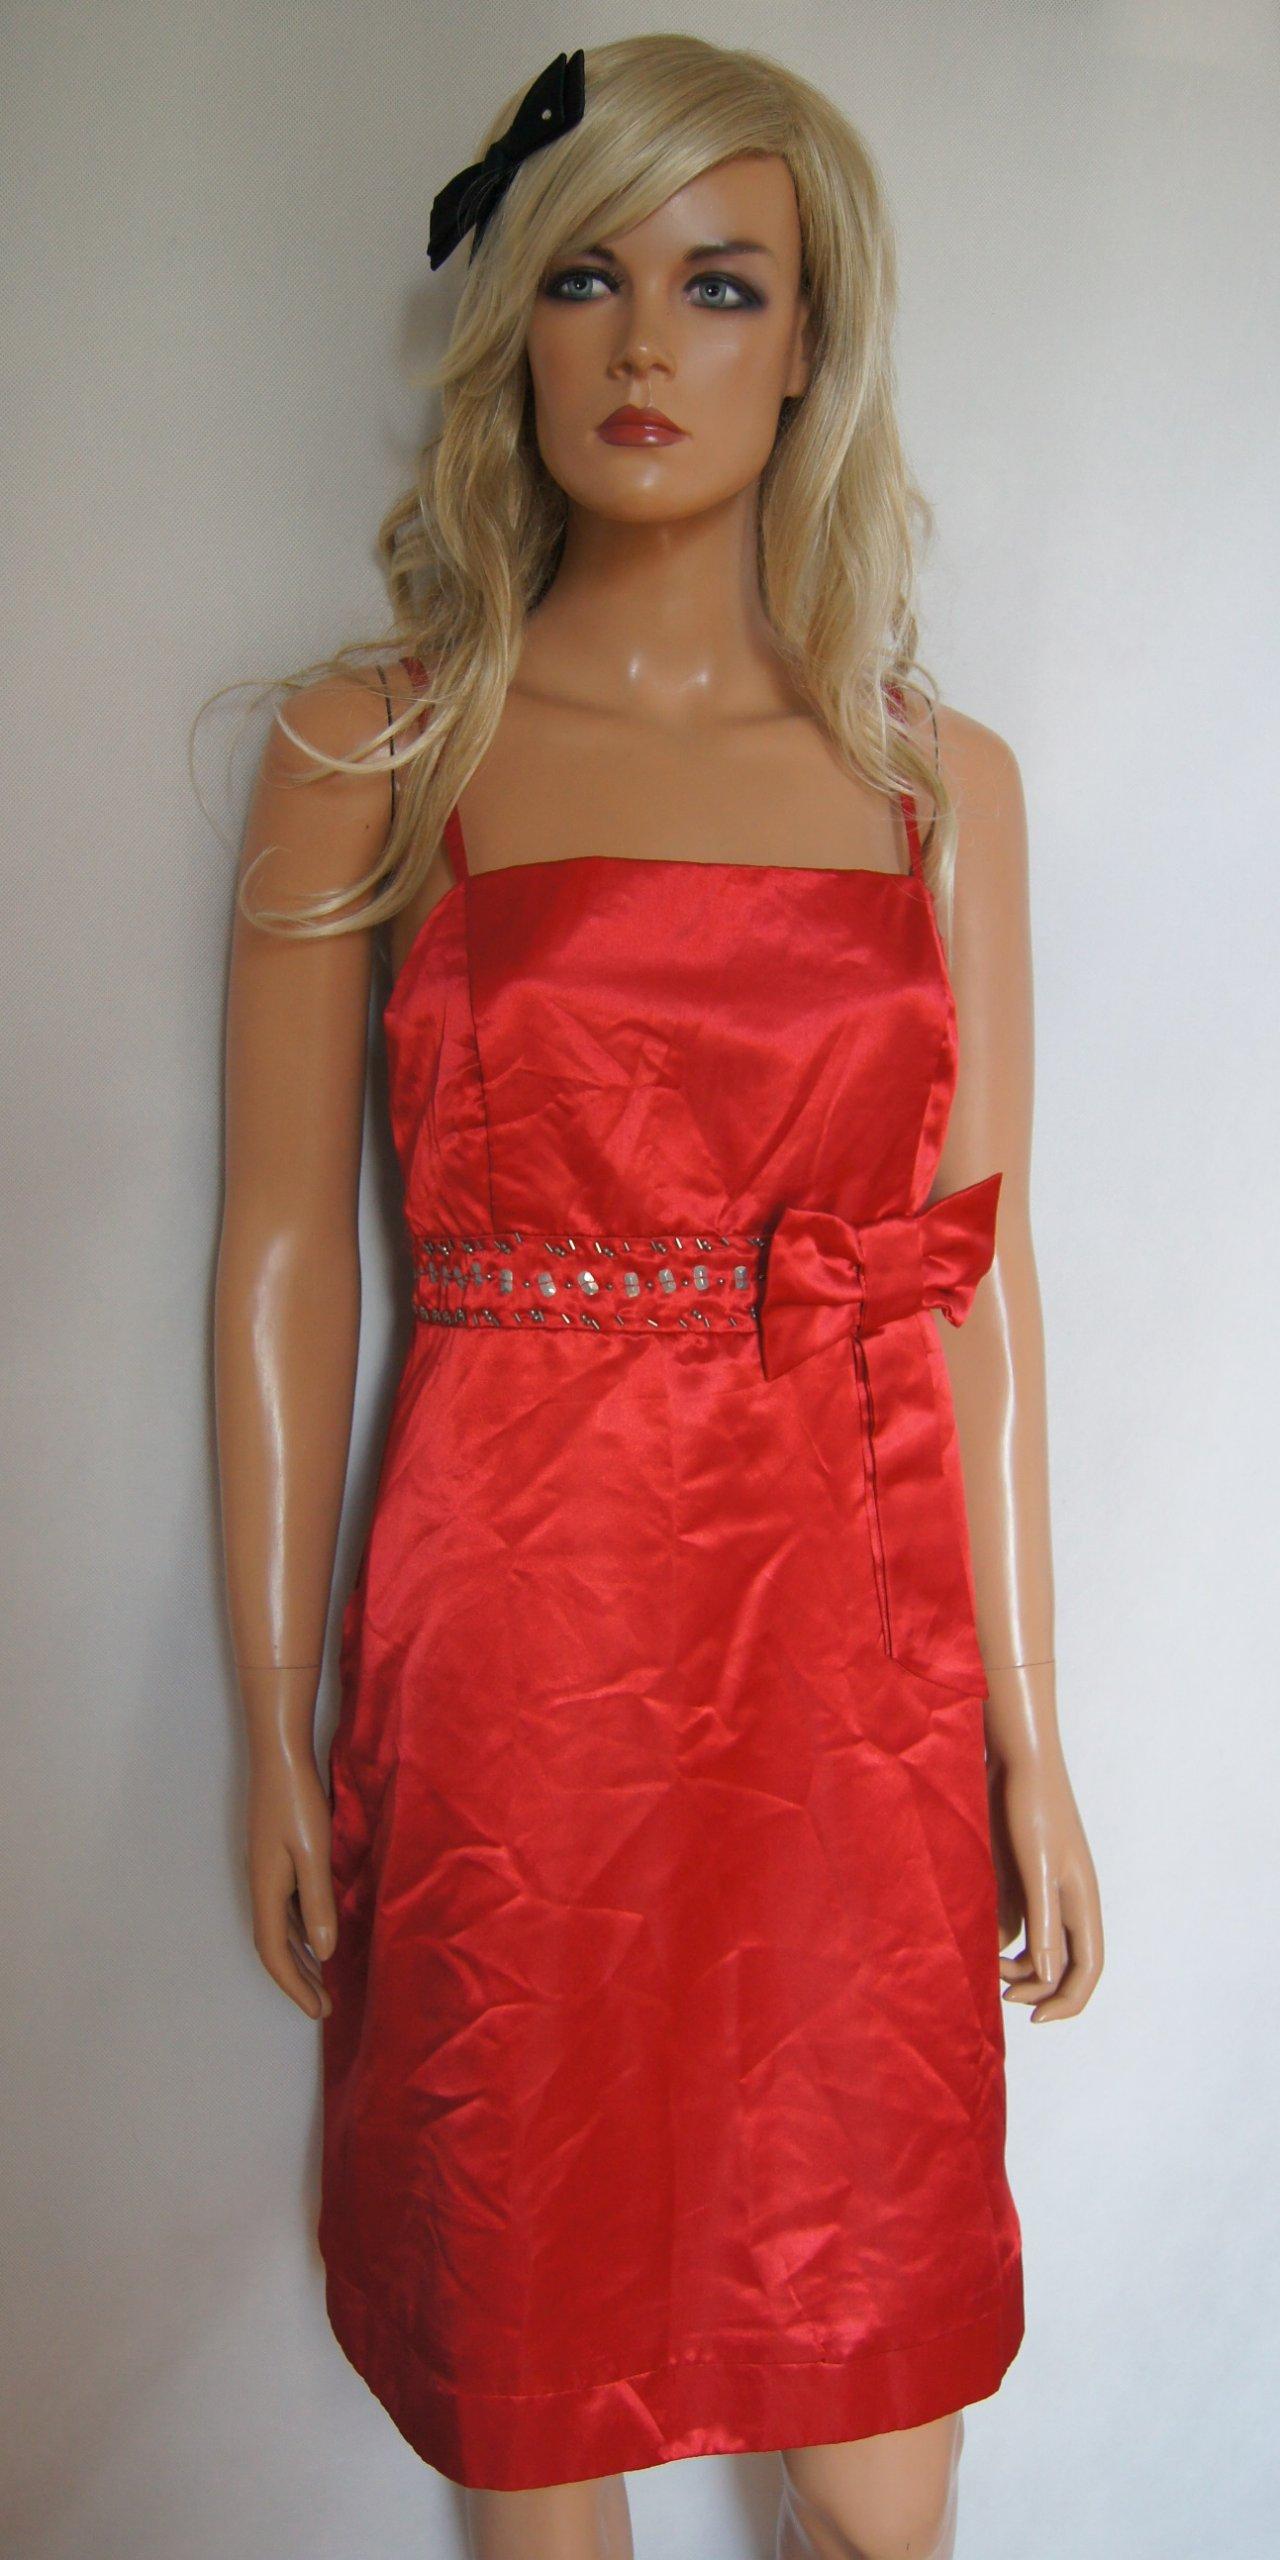 8f4a0f380e Czerwona sukienka zdobiona H r 42 NOWA - 7132274478 - oficjalne ...